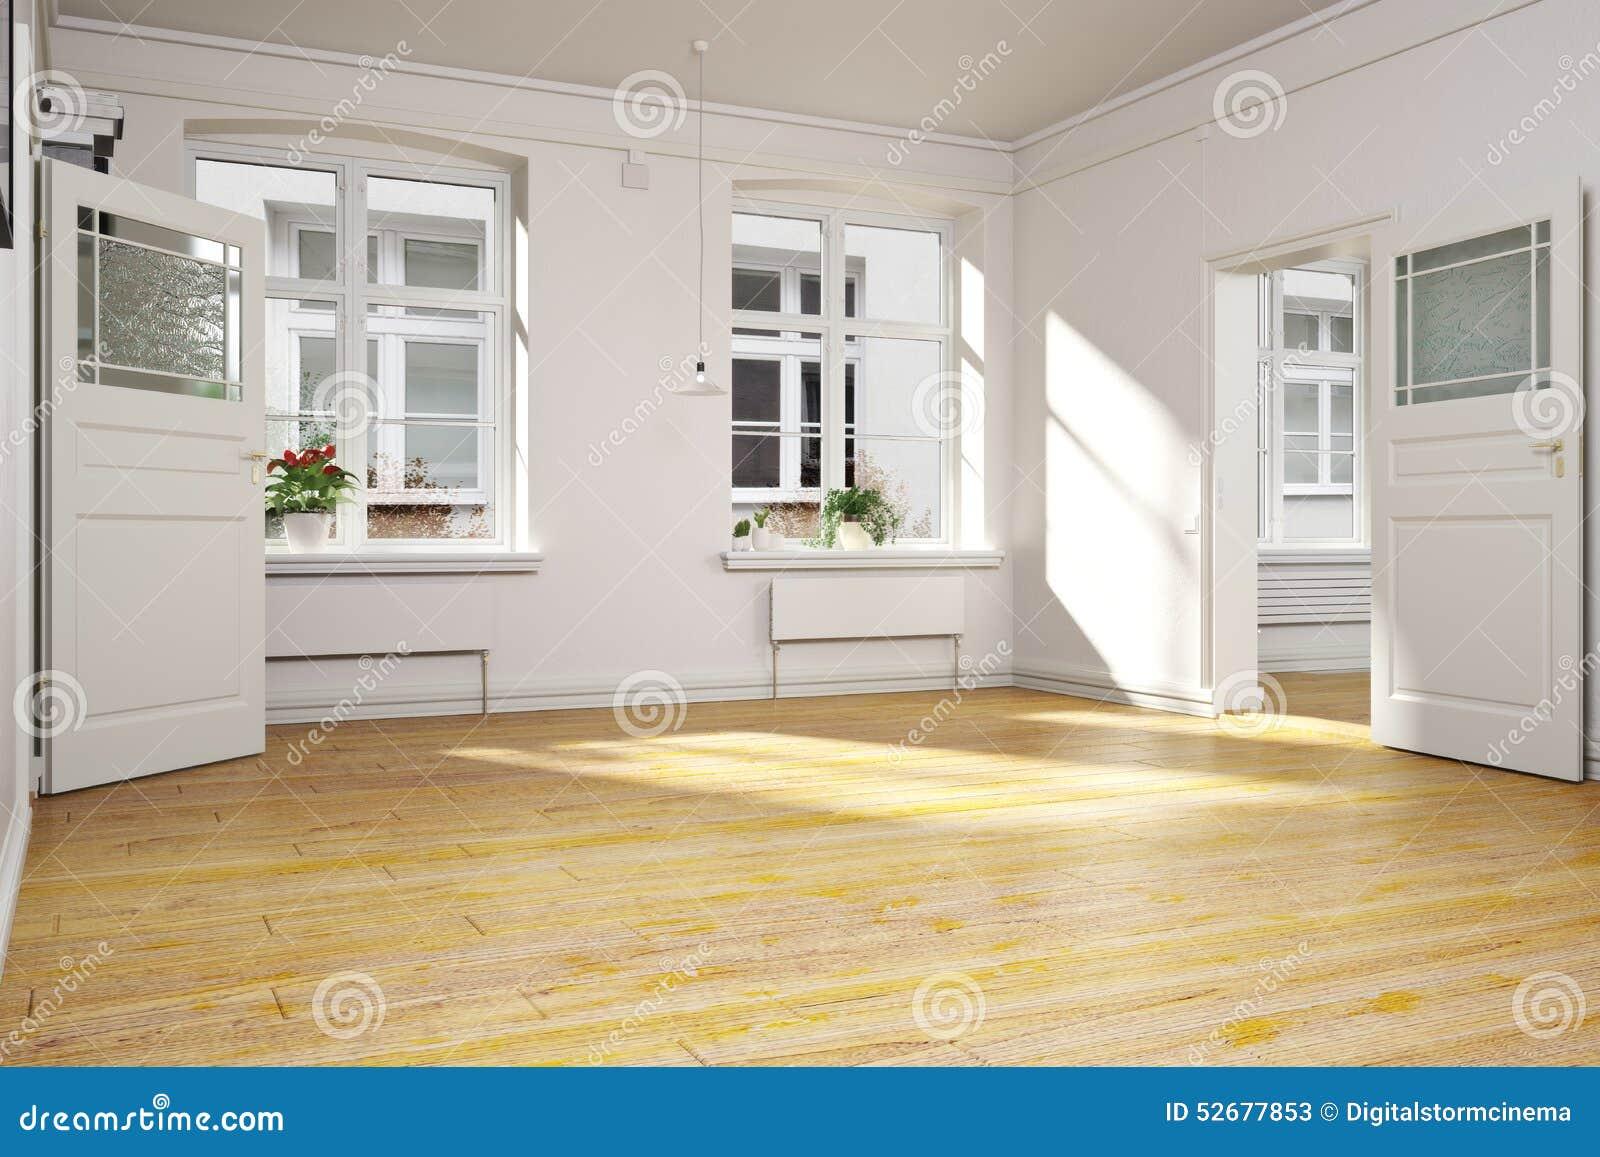 Interieur Maison Vide